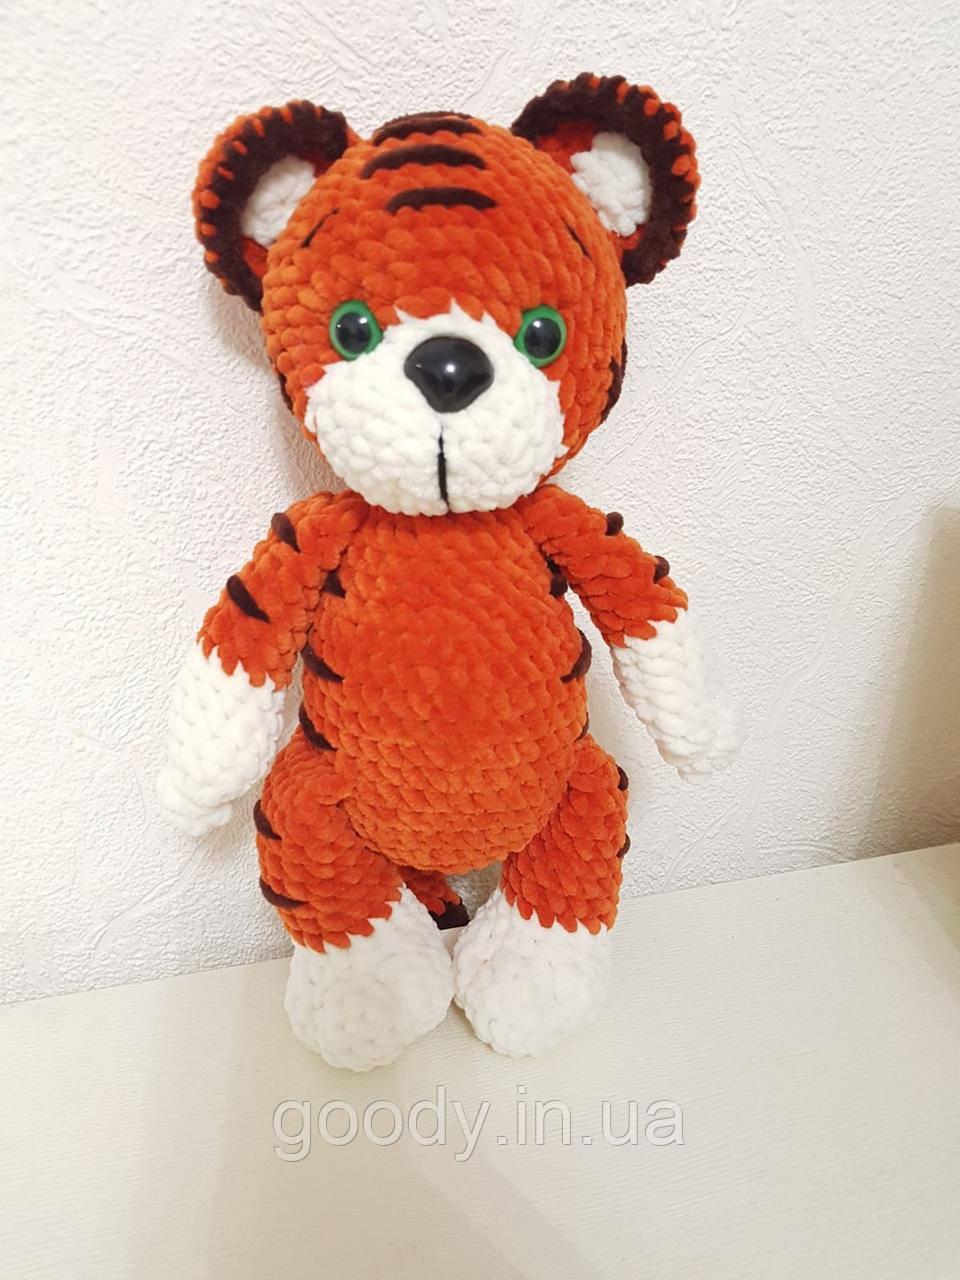 М'яка іграшка тигр із плюшевої пряжі 30 cm